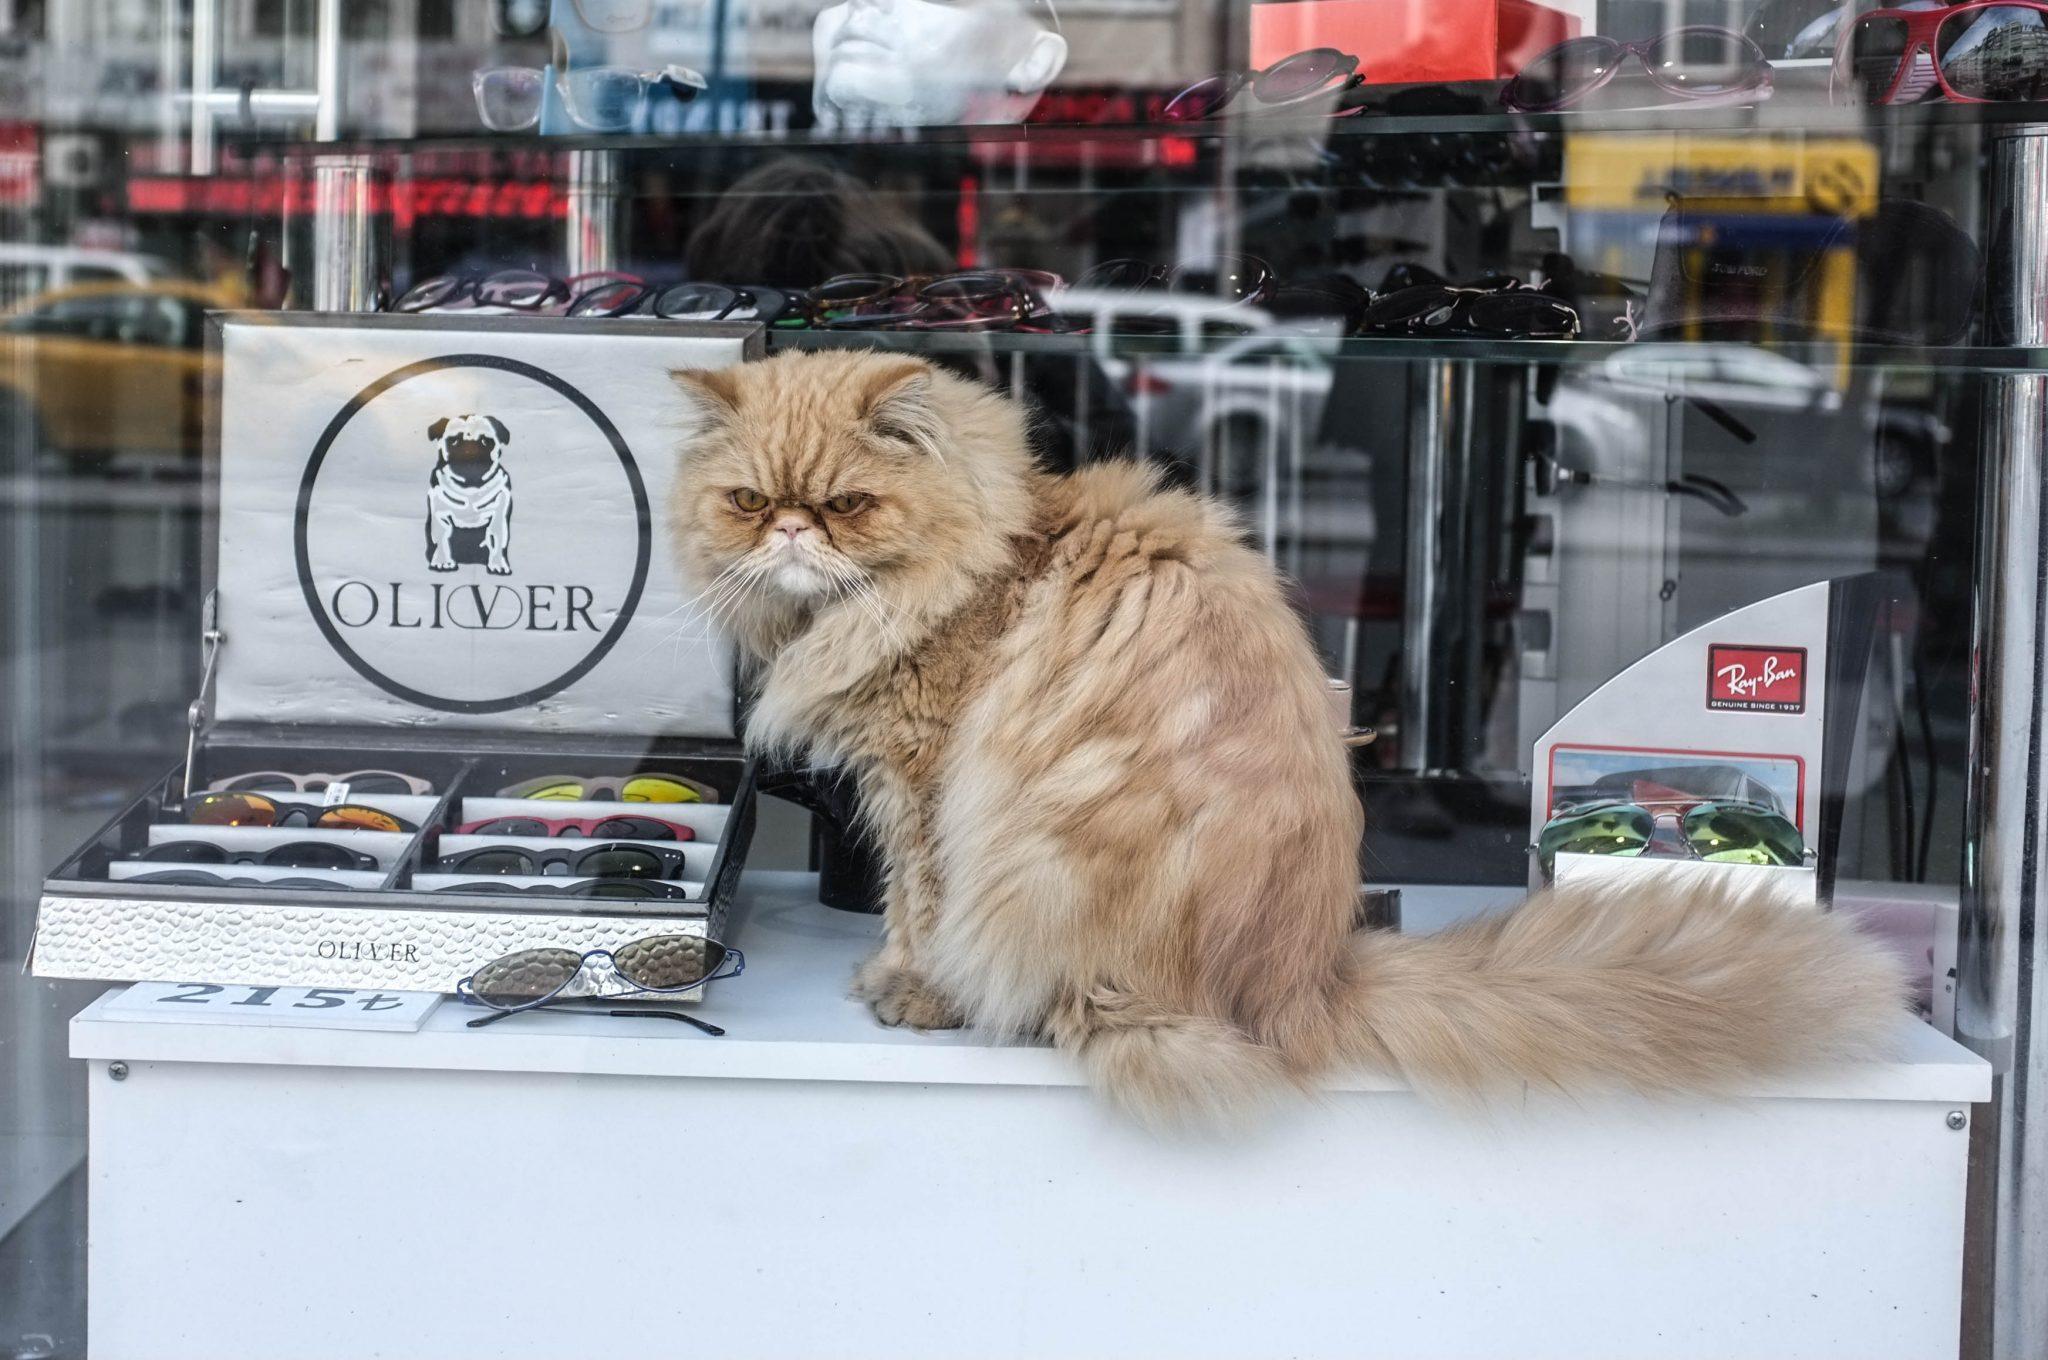 kissa viettää aikaa kaupan näyteikkunassa